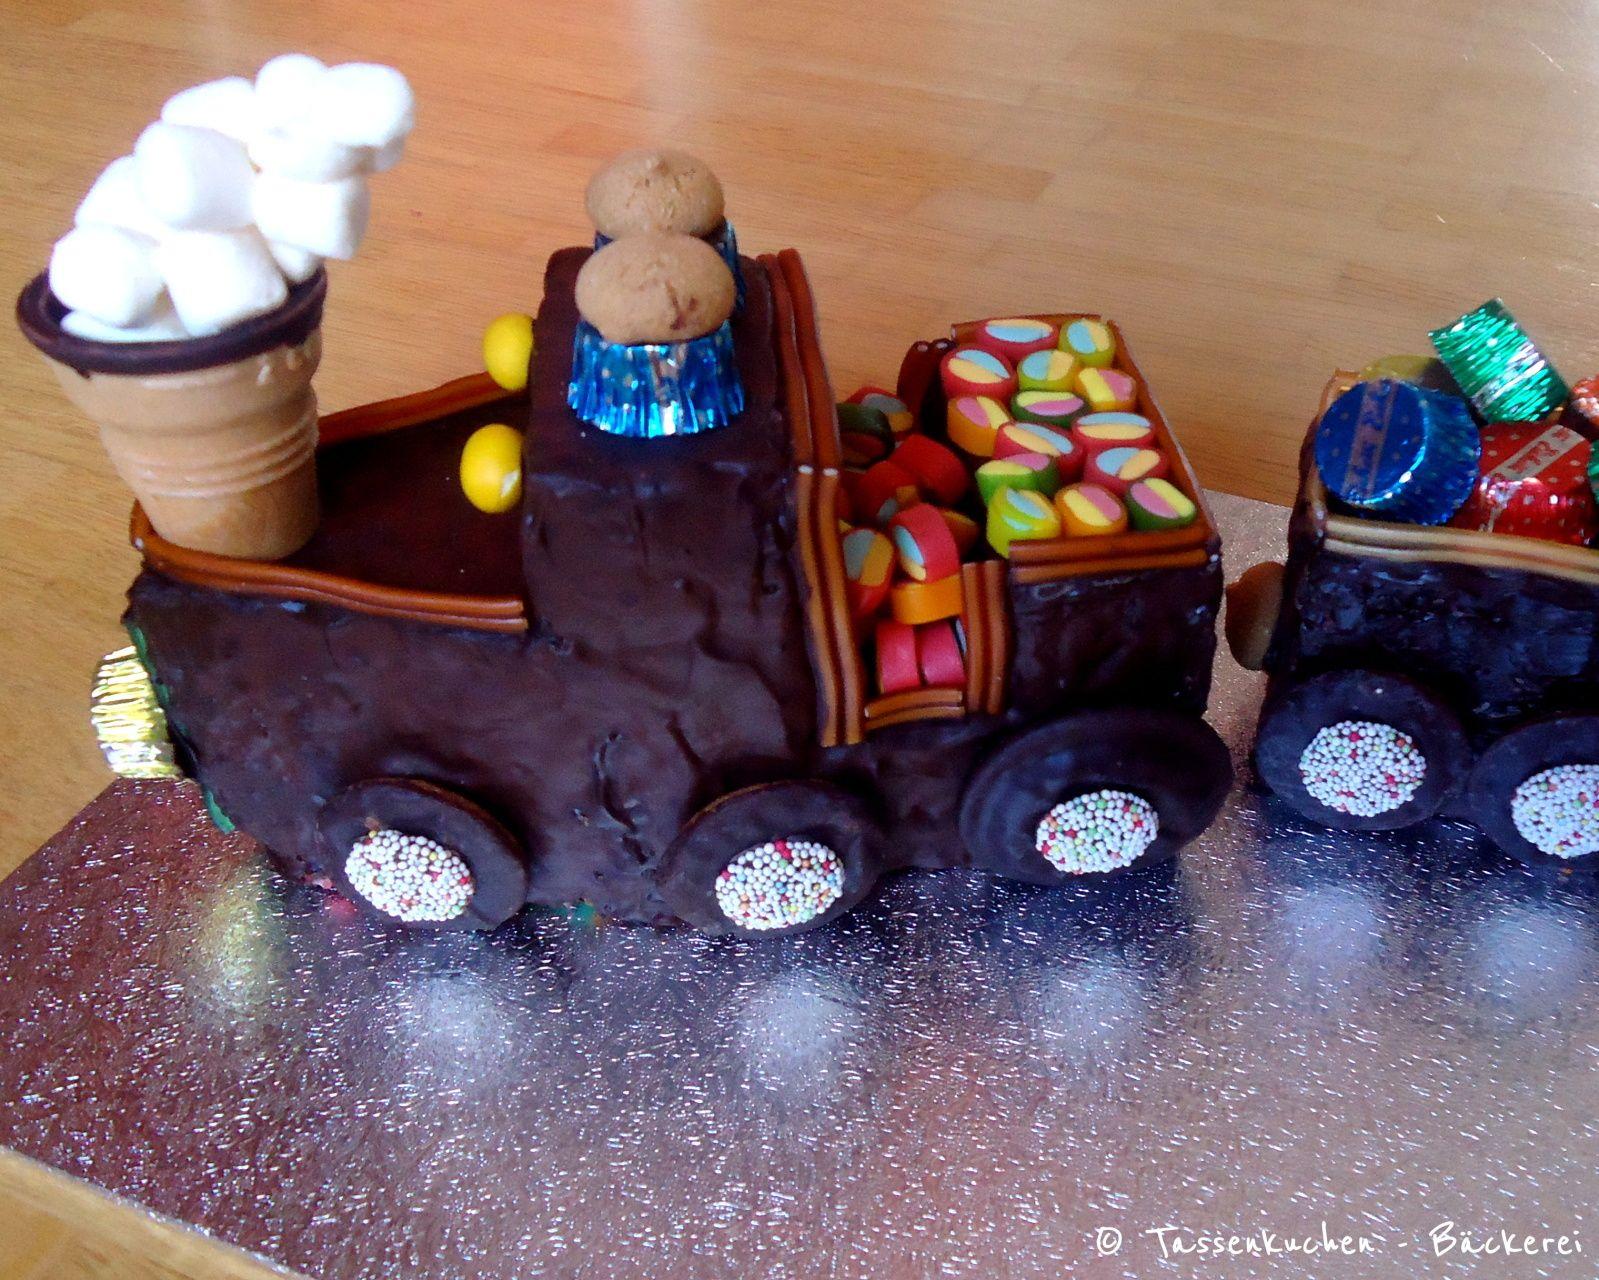 tassenkuchen b ckerei eisenbahn kuchen feste geburtstag nummer 2 pinterest kuchen. Black Bedroom Furniture Sets. Home Design Ideas